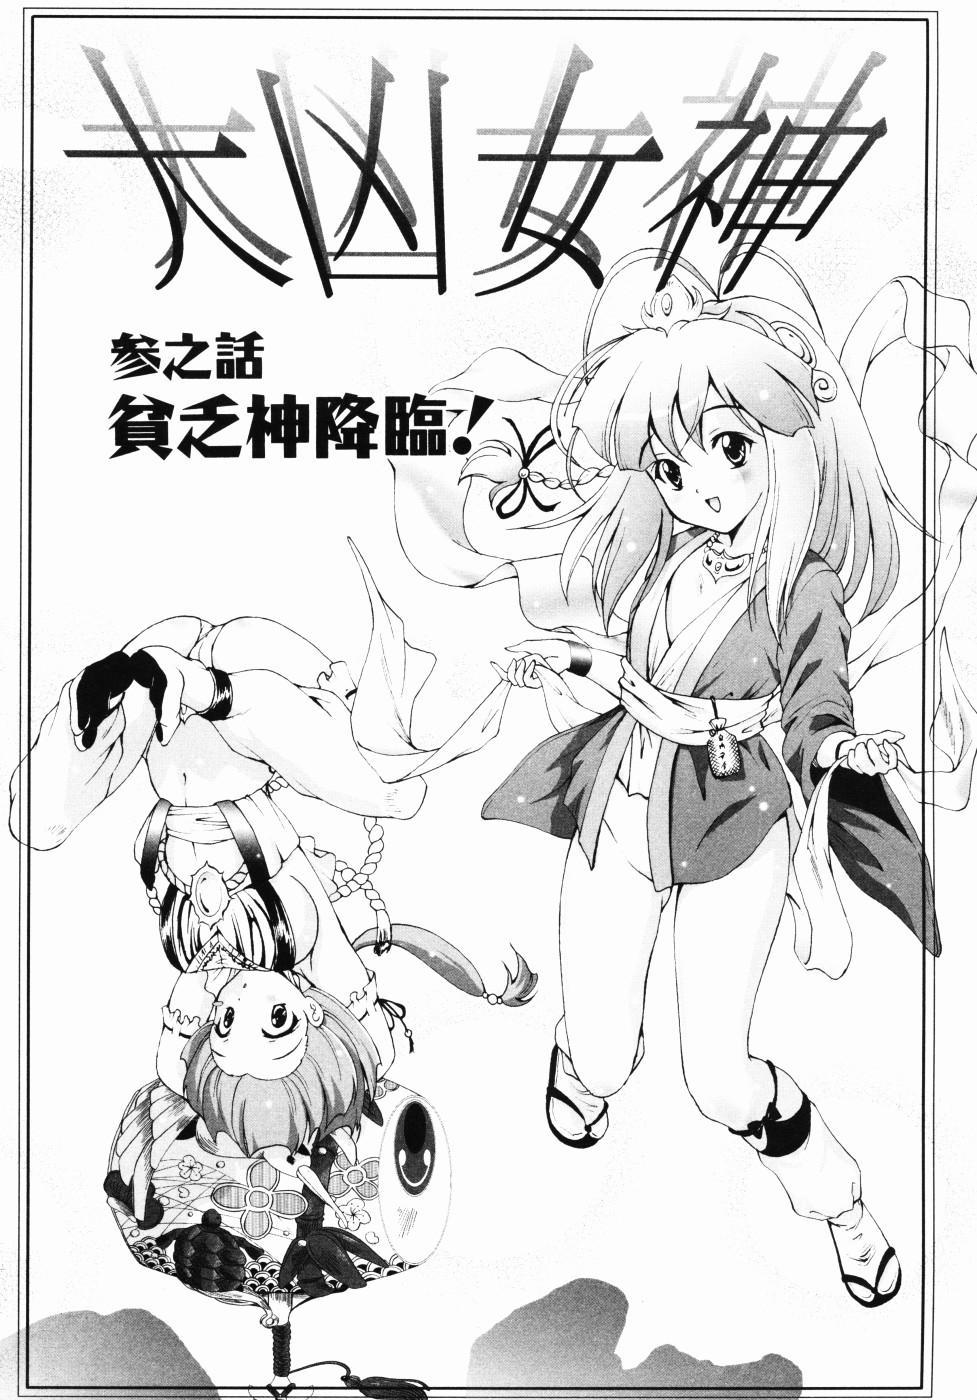 Daikyou Megami 57